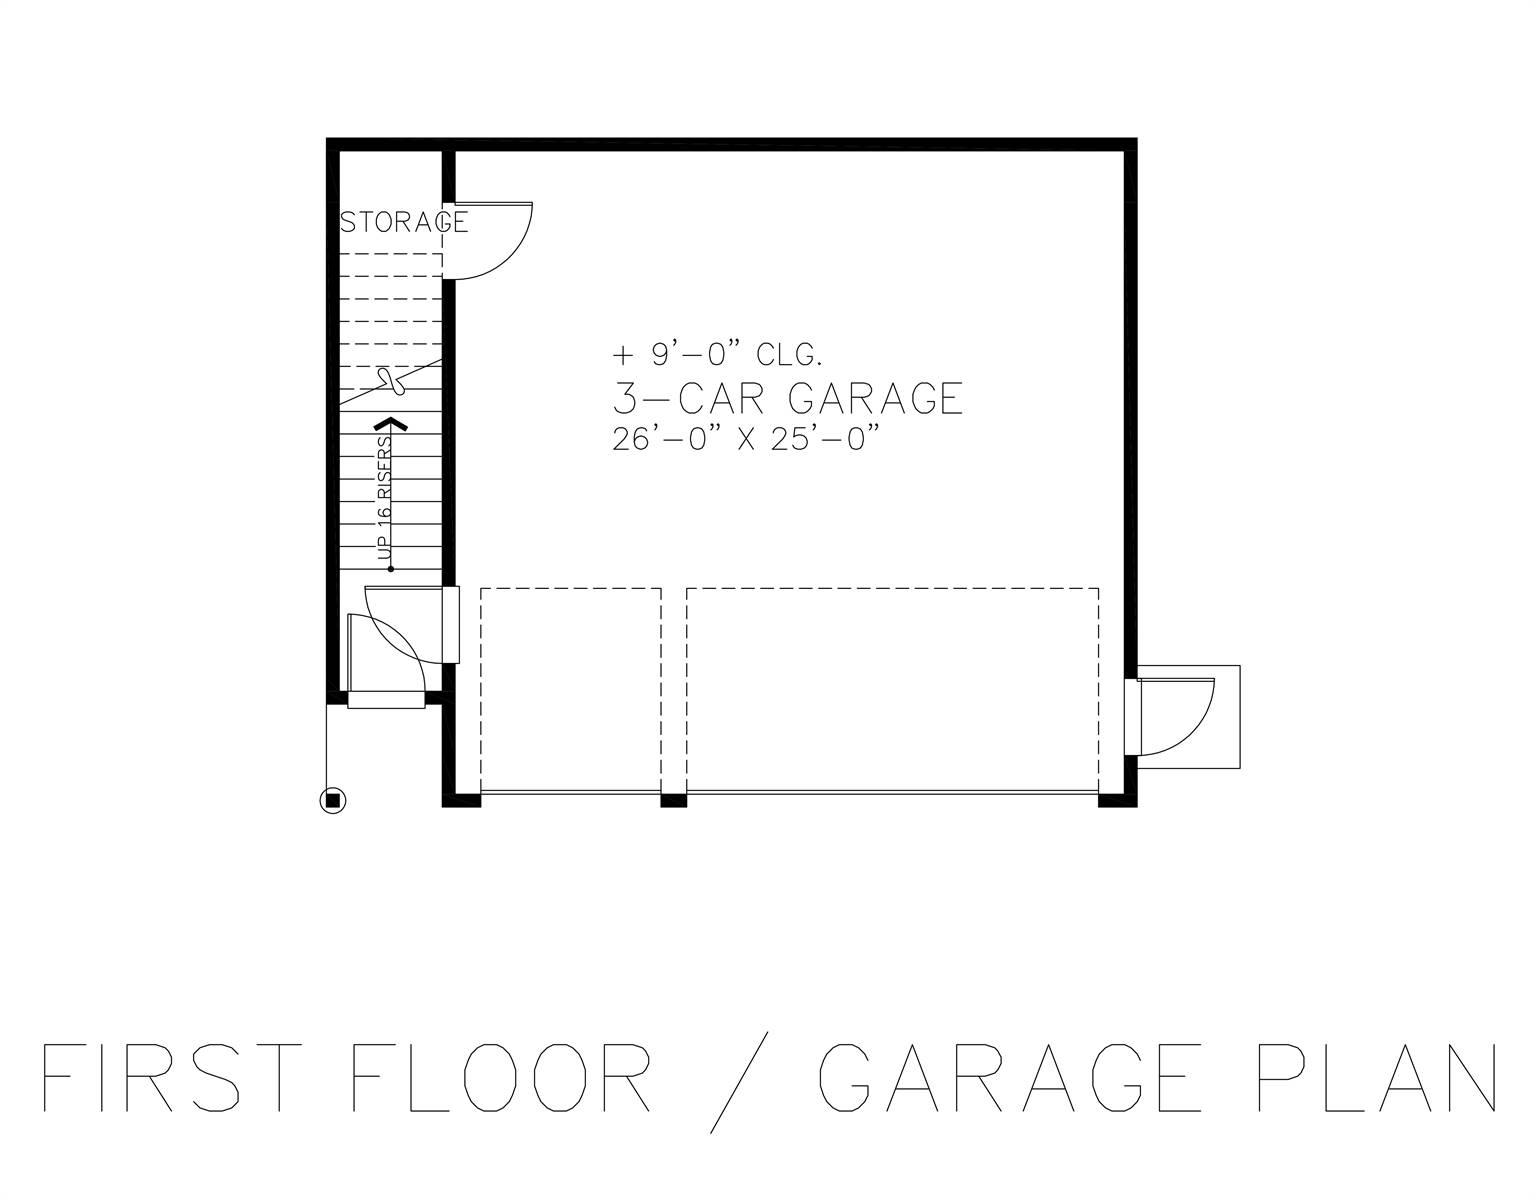 First Floor - Garage